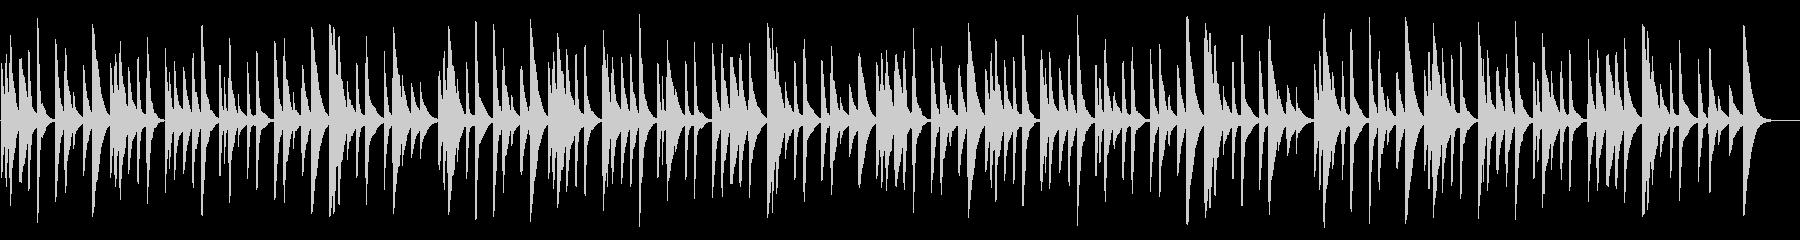 アメイジング・グレイス 18弁オルゴールの未再生の波形